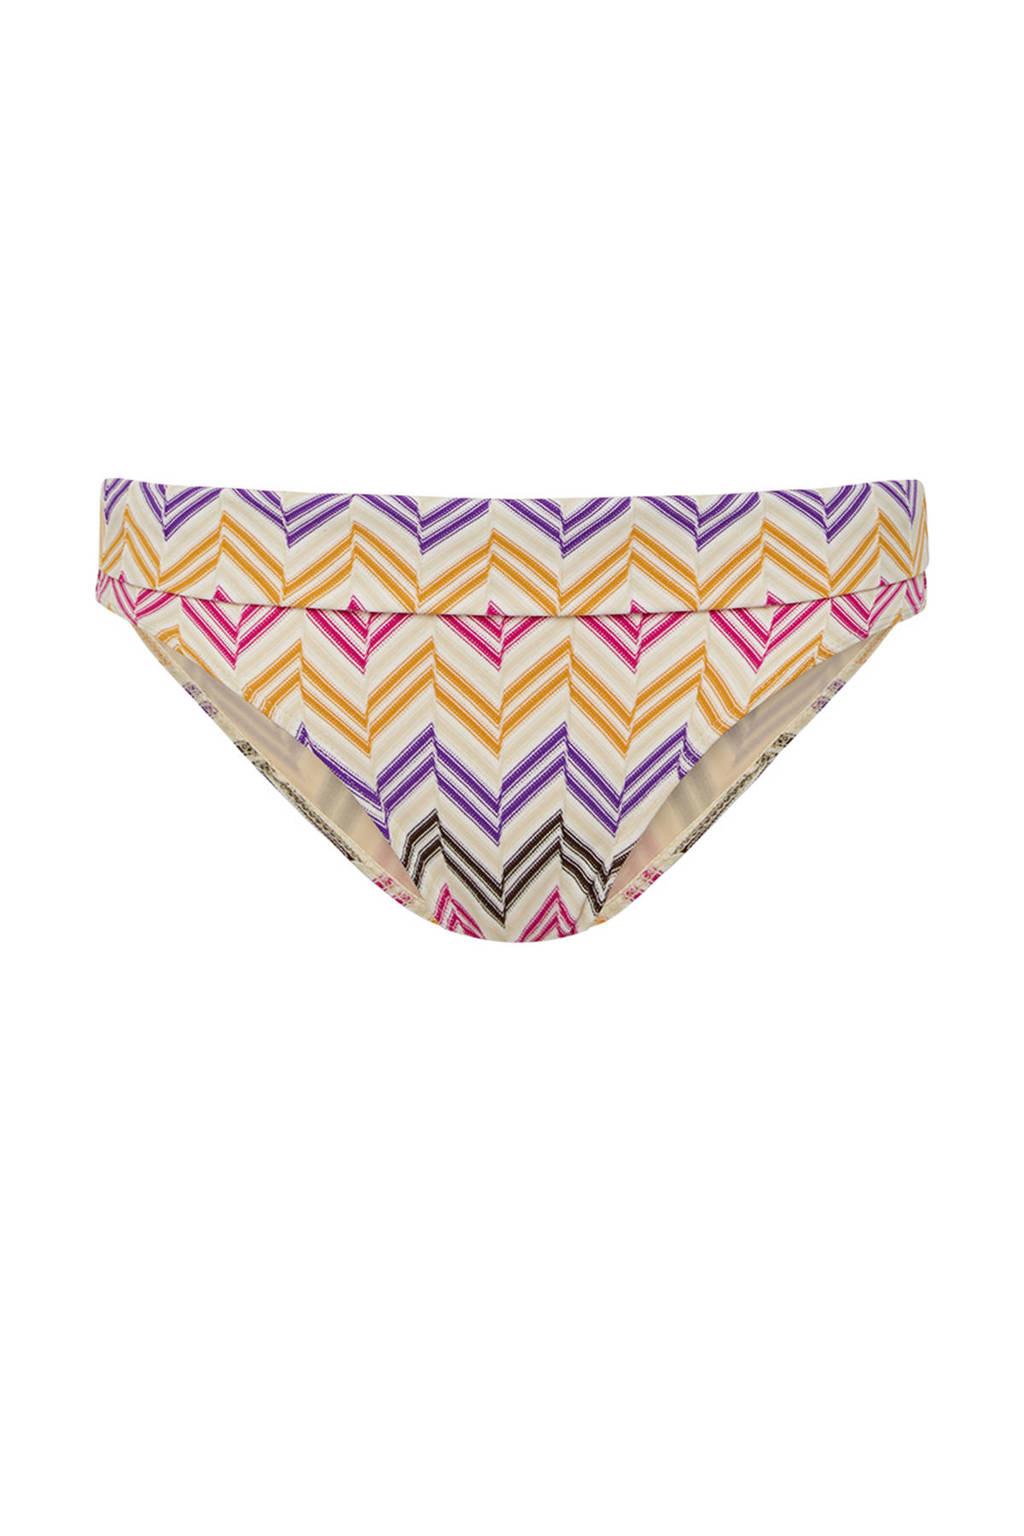 Cyell bikinibroekje met all print ivoor/bruin/paars, Ivoor/bruin/paars/geel